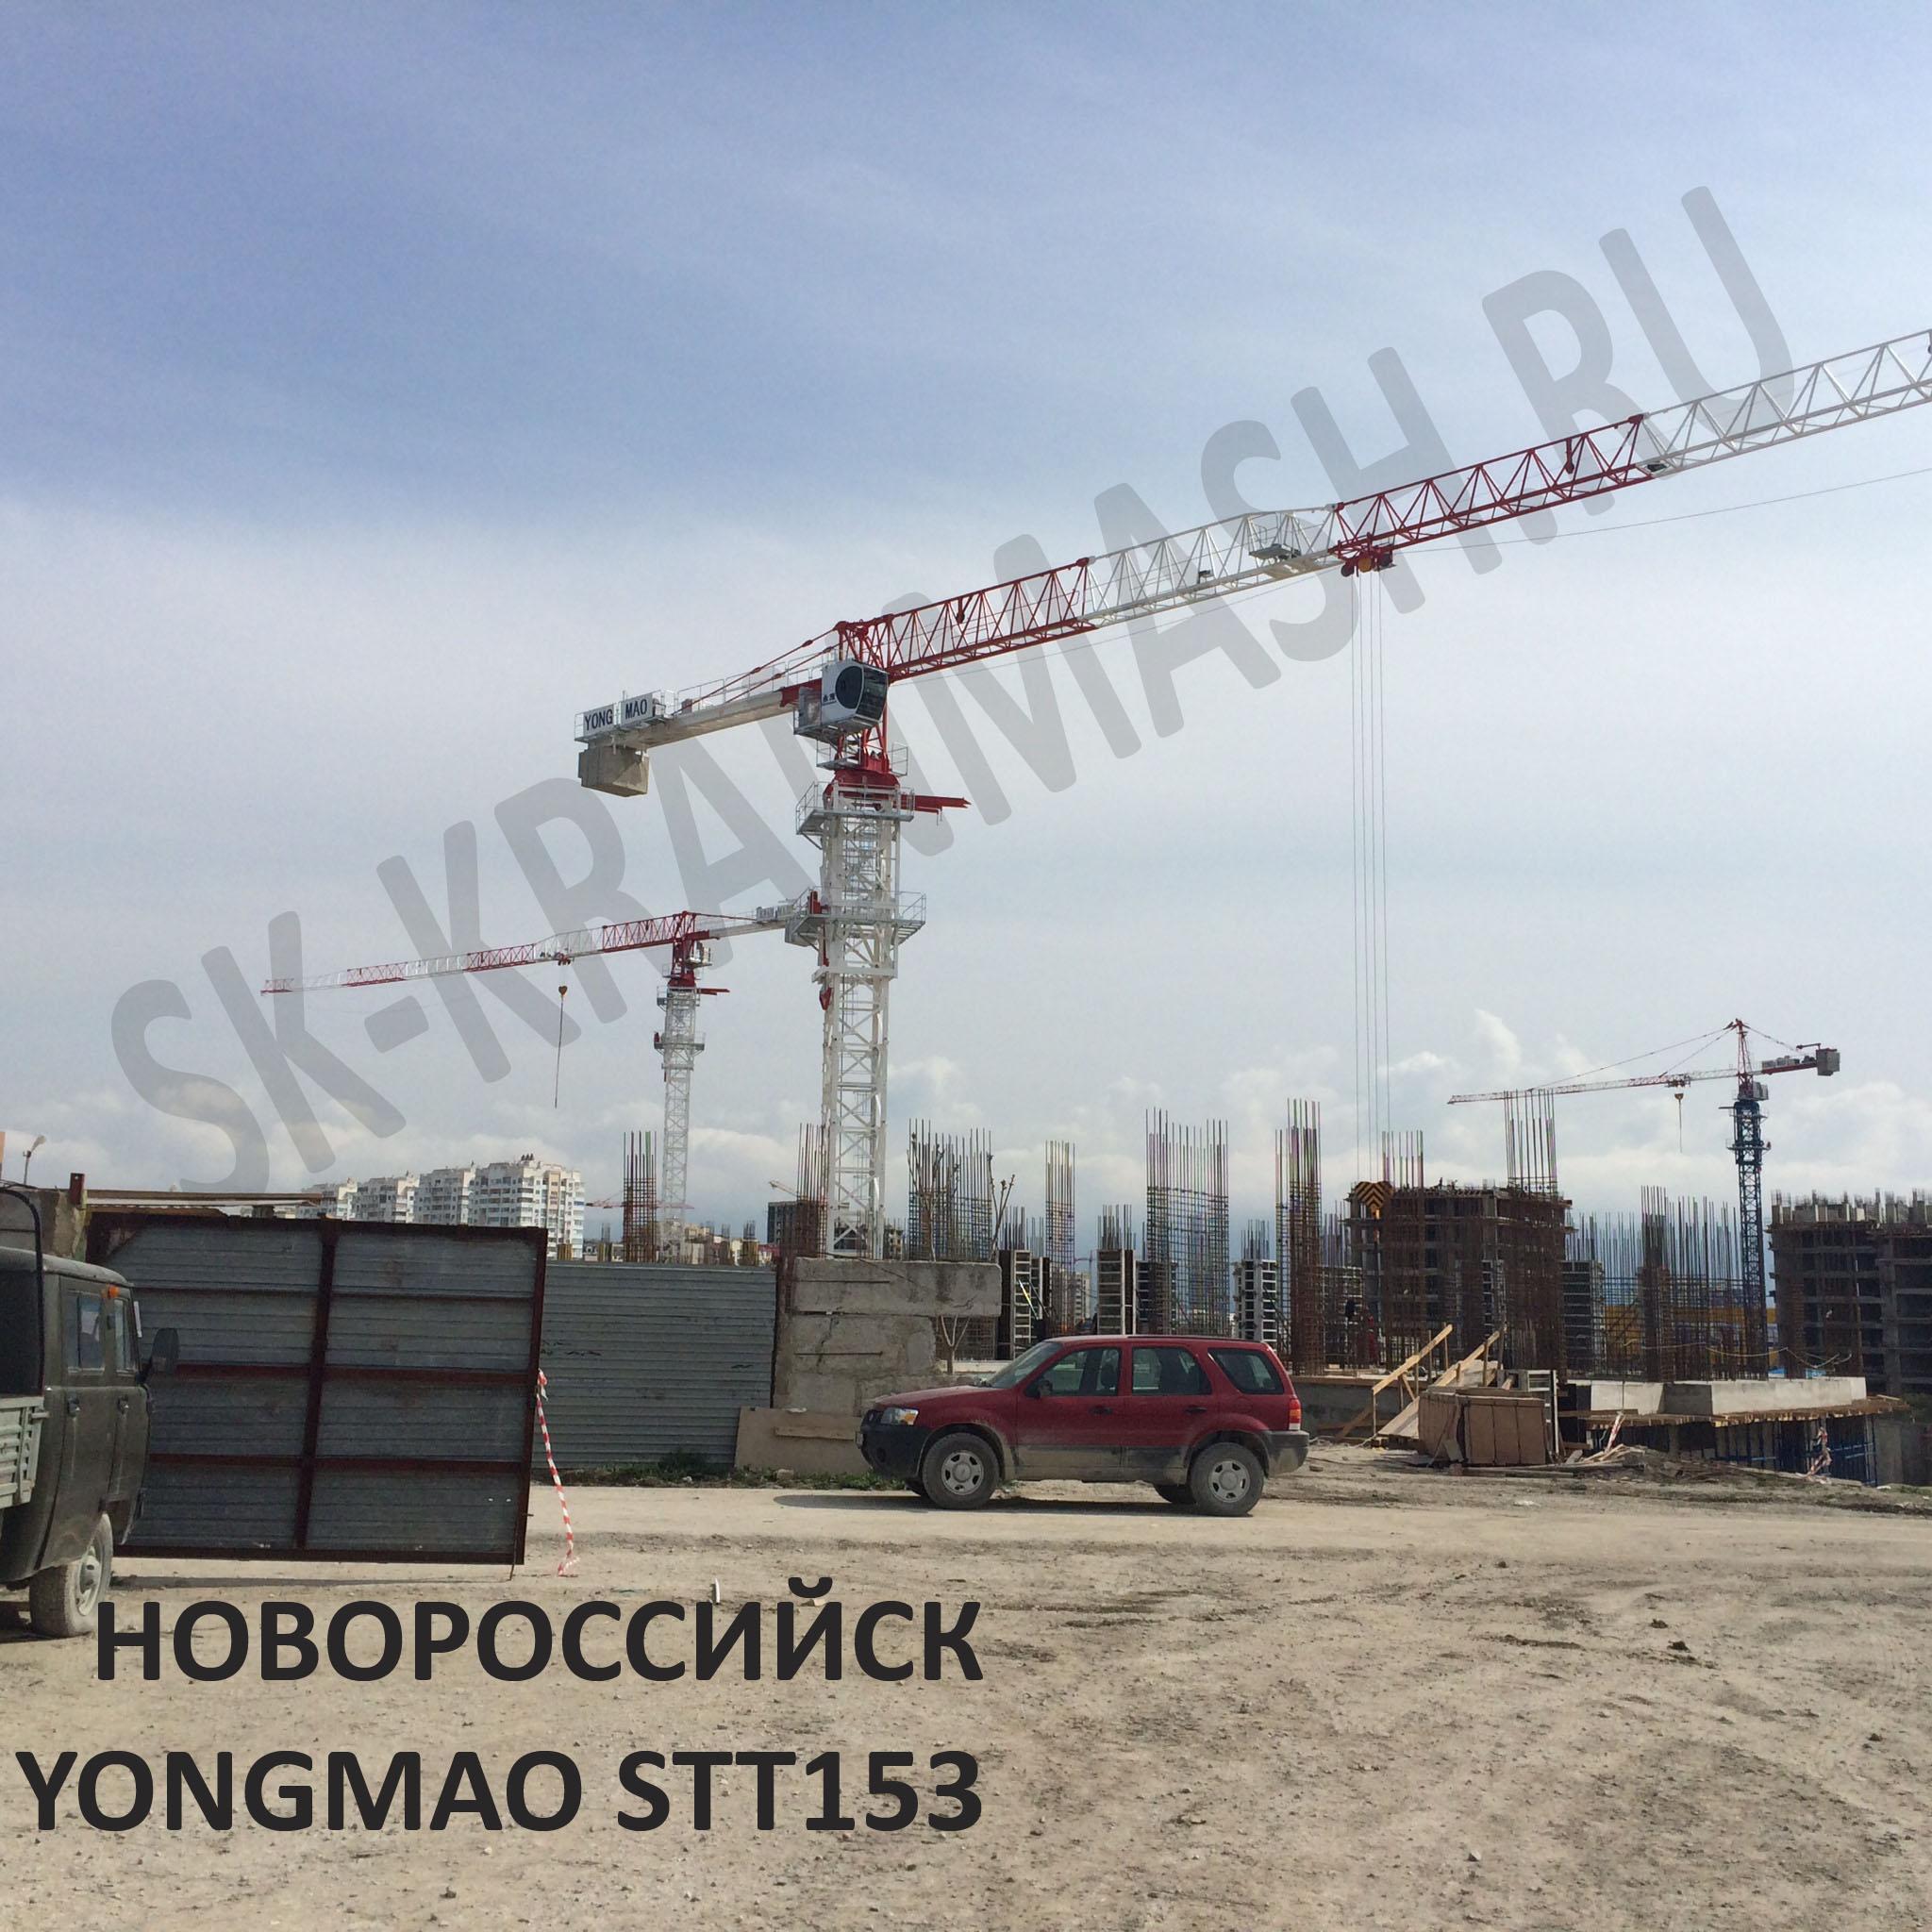 Башенные краны в Новороссийске 8 тонн Yongmao